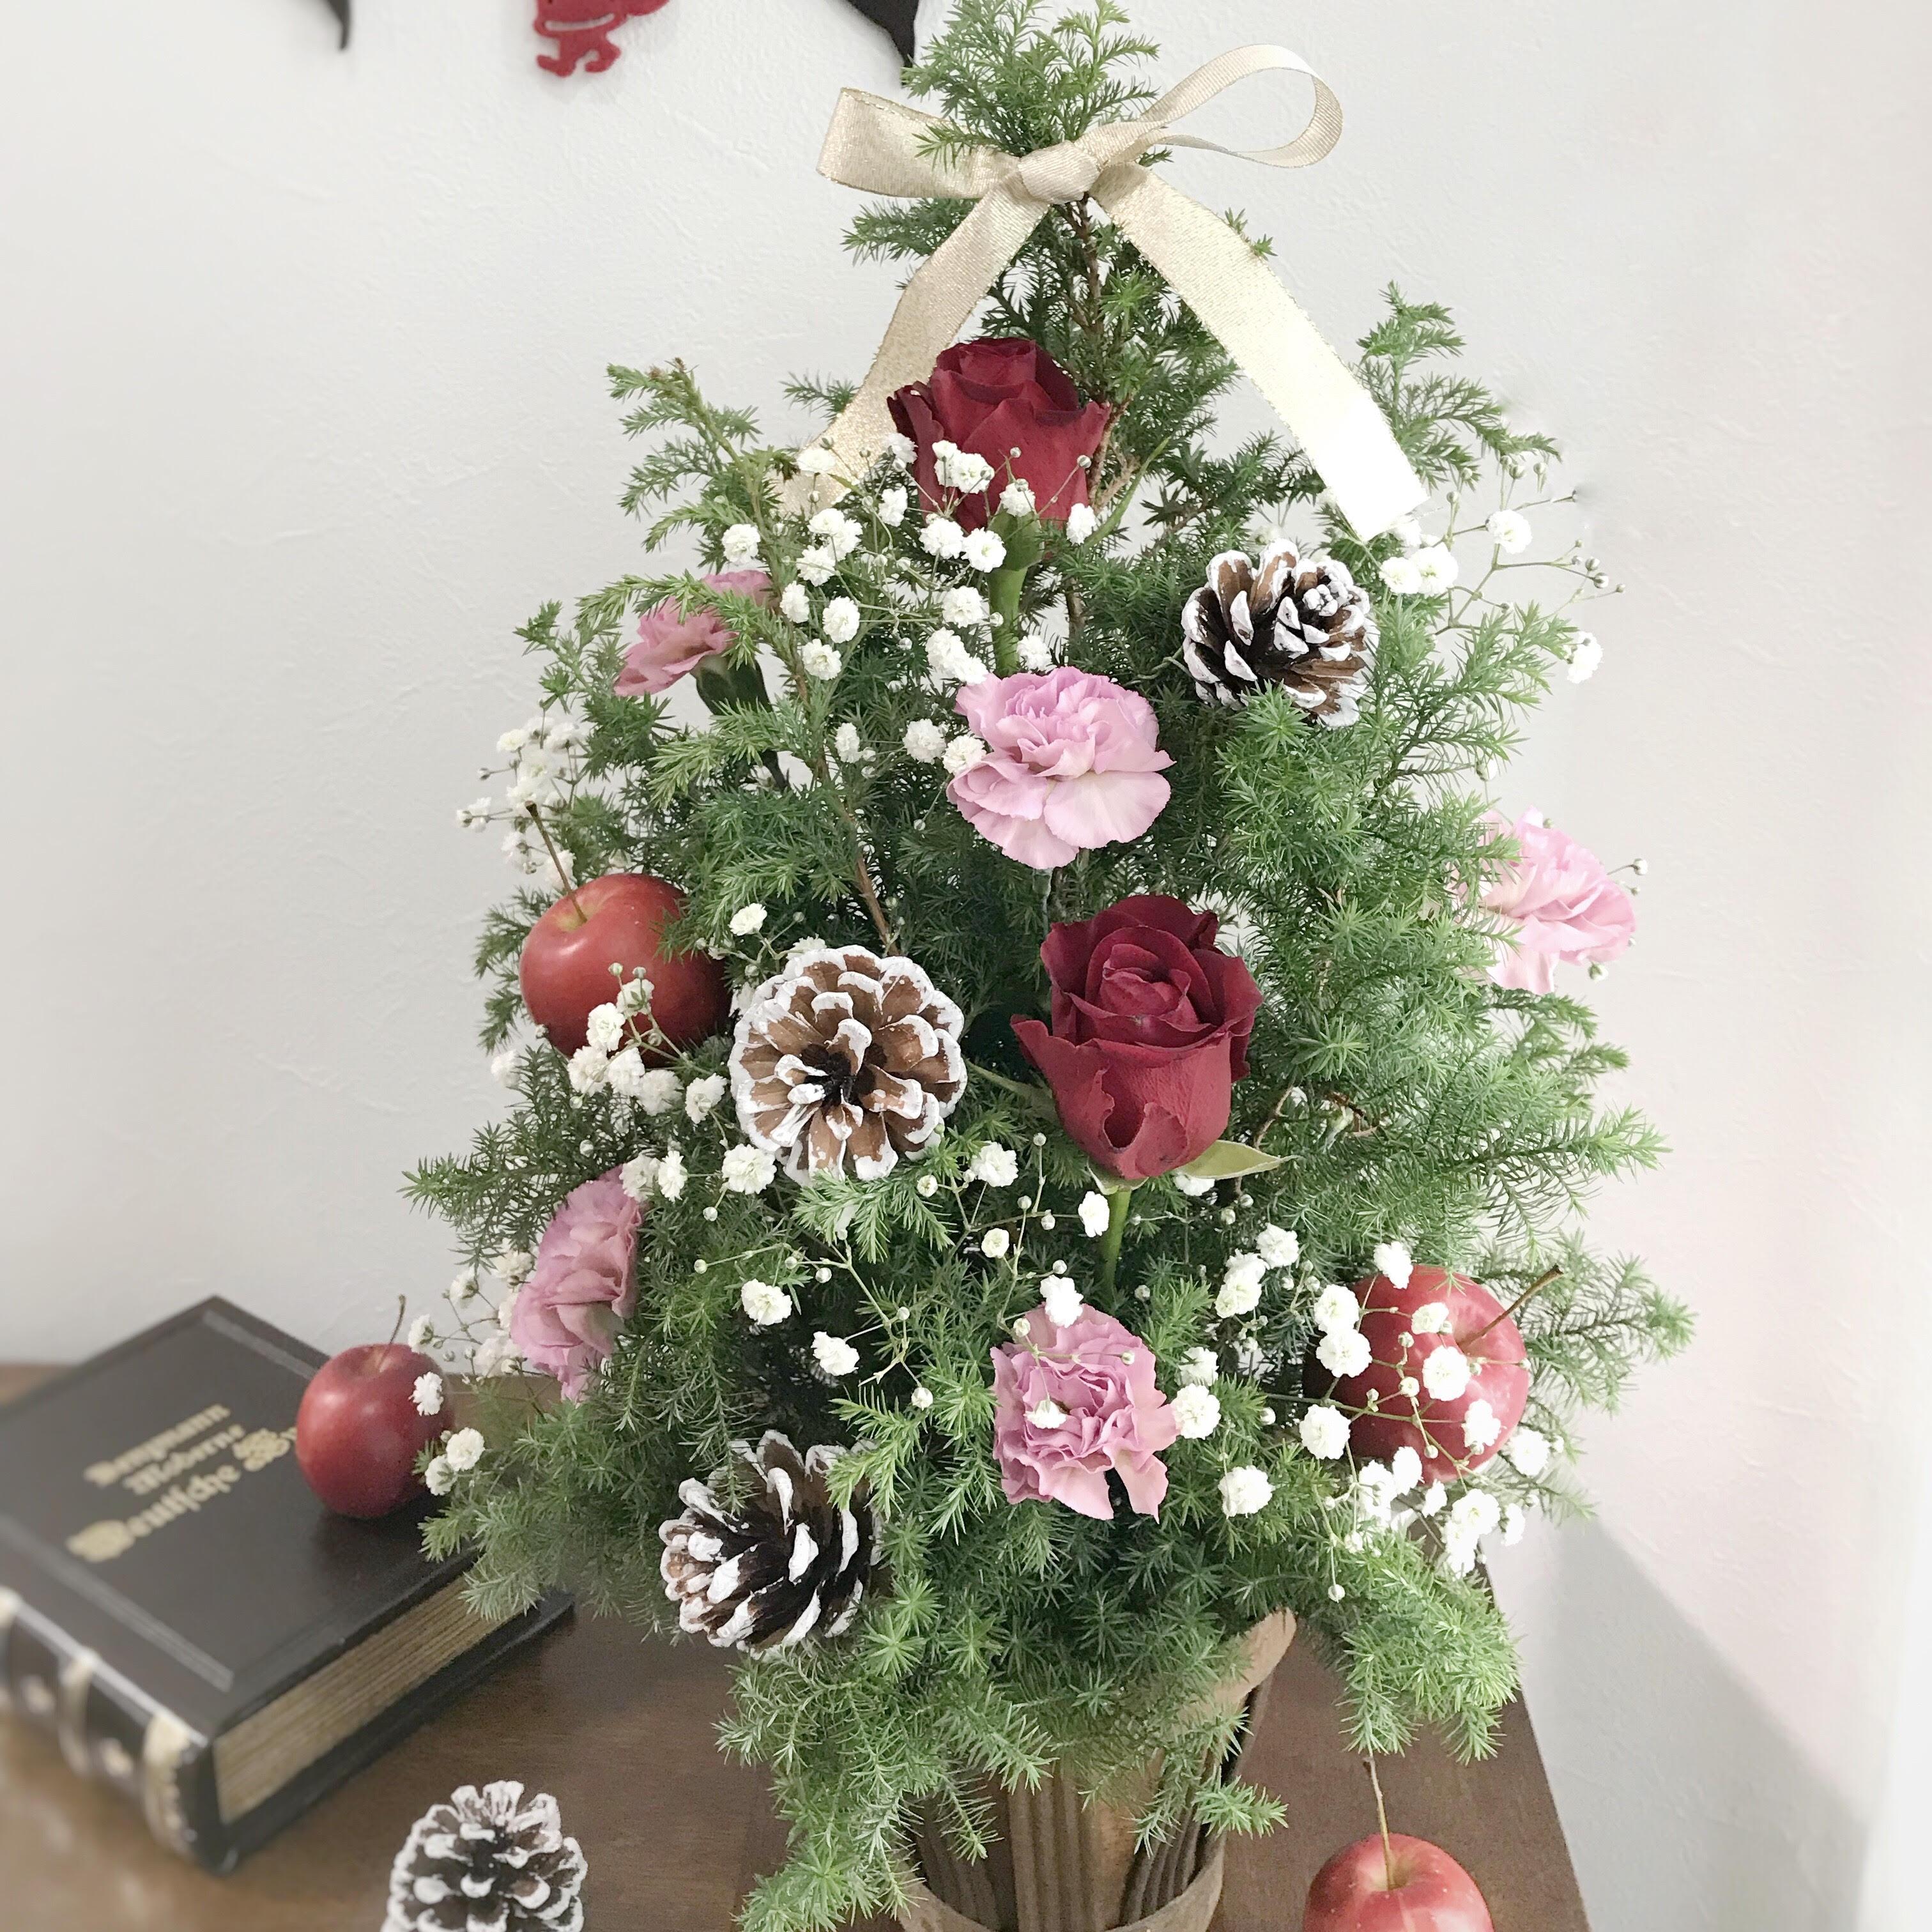 生花のクリスマスツリー アレンジメントで一味違ったクリスマスを☆